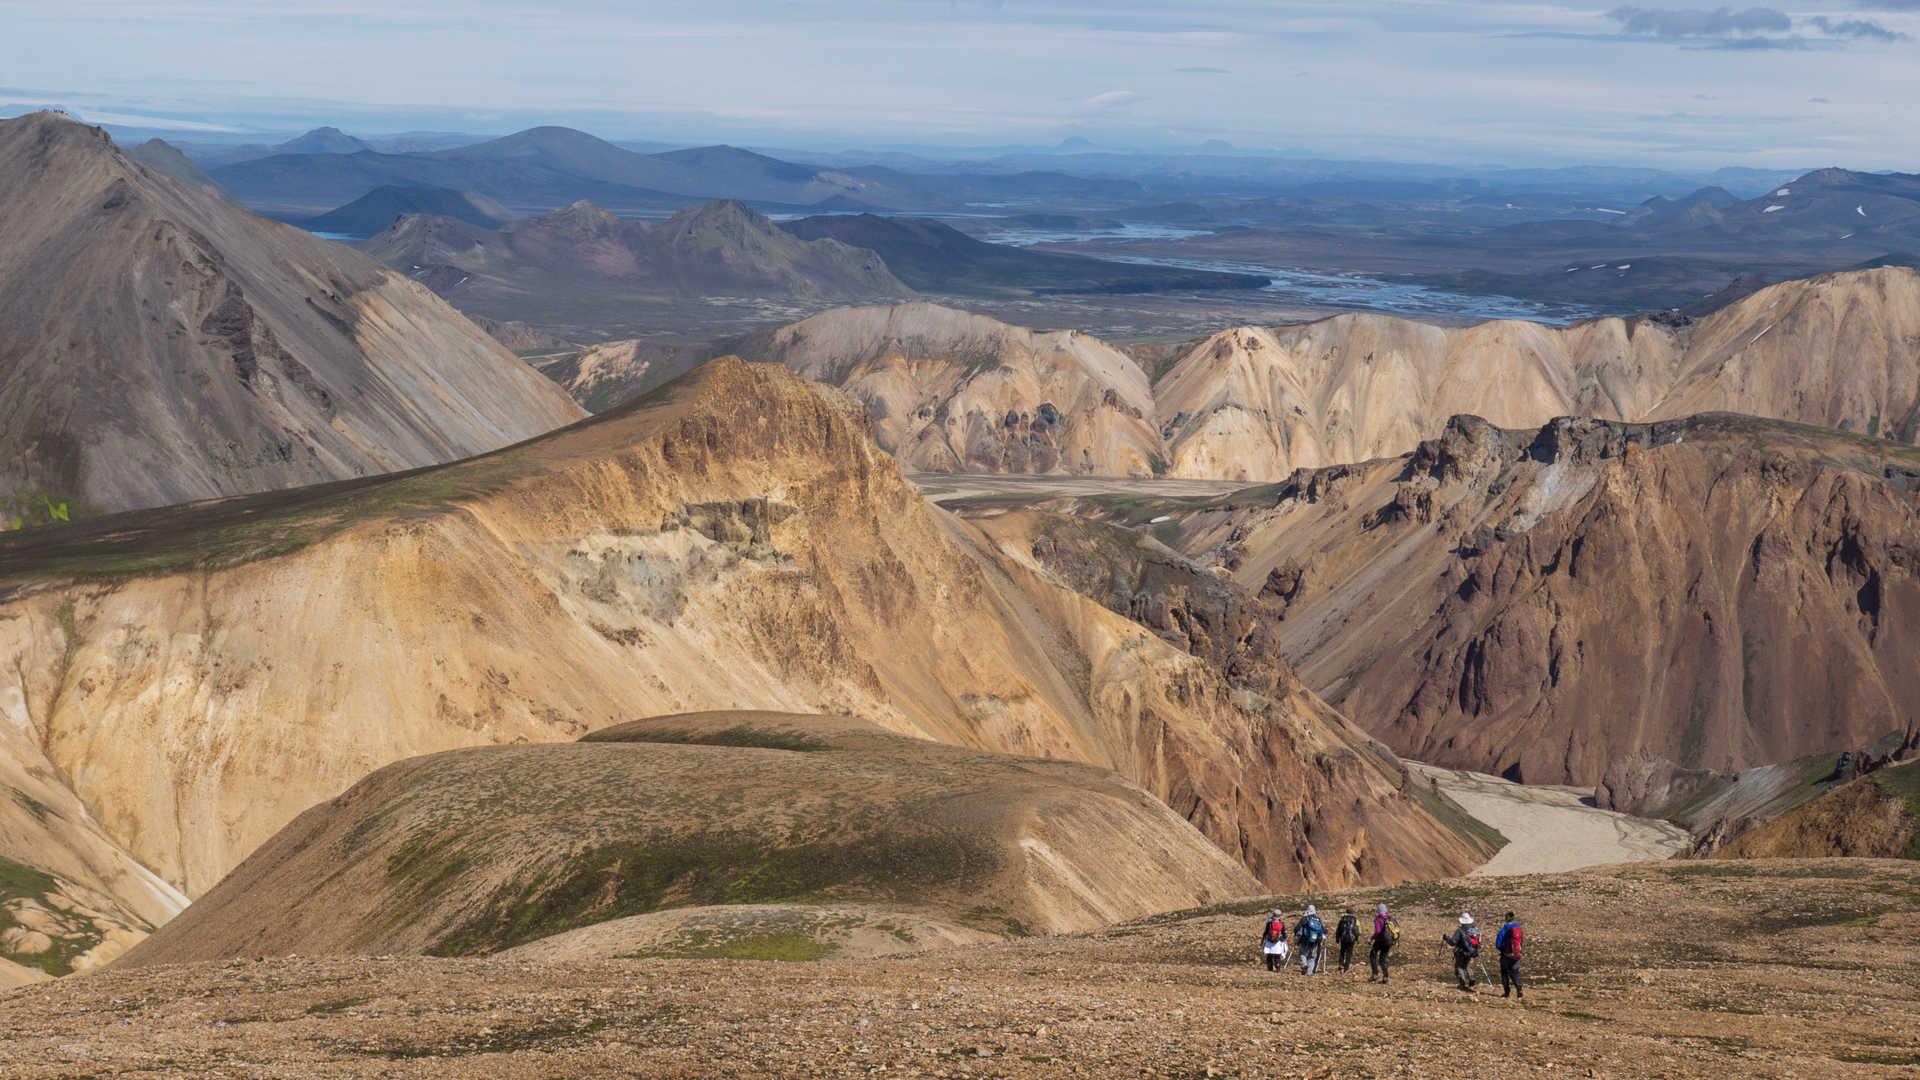 Randonnée dans les montagnes colorées de Landmannalaugar